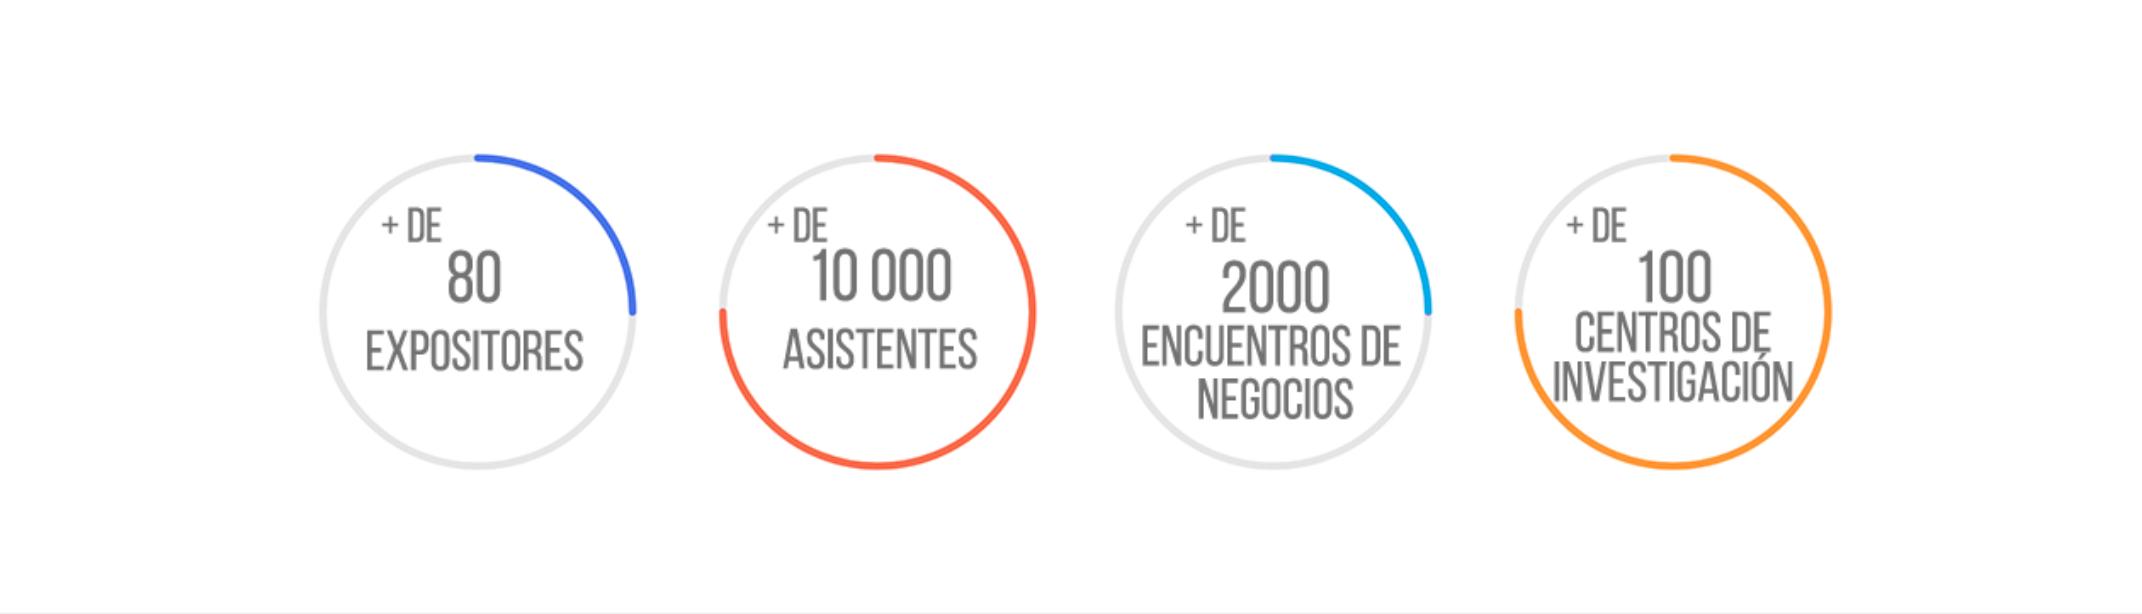 Algunas cifras sobre los eventos organizados por BioBiz